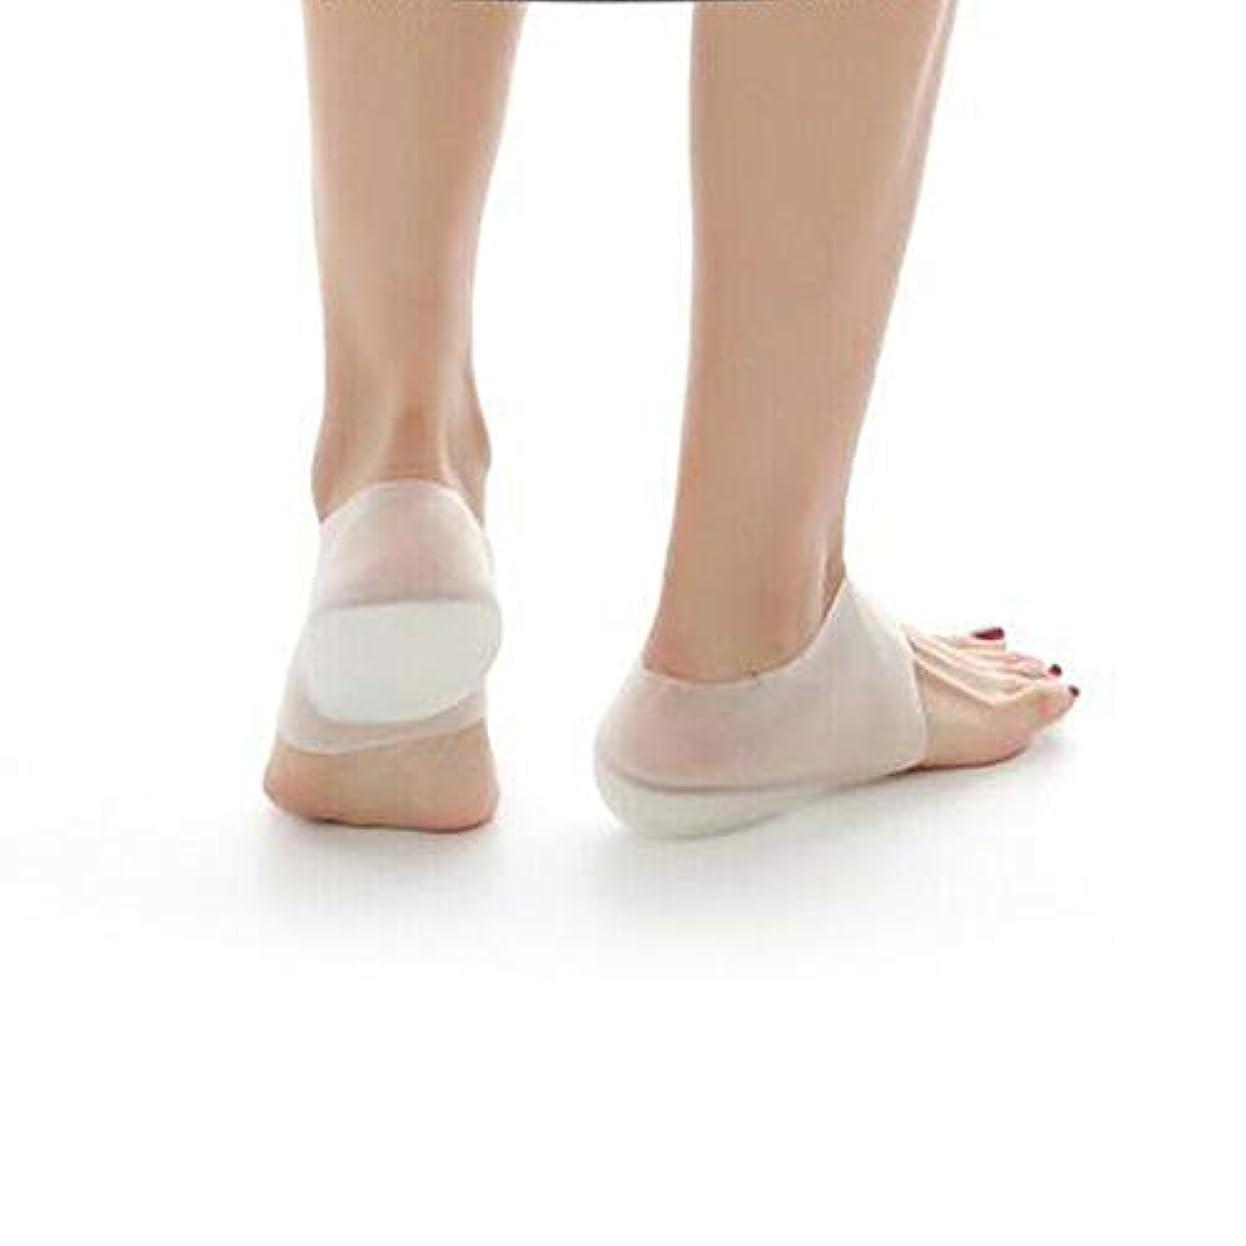 ナラーバー圧縮された懸念Besttoy見えない高めのヒールパッド、靴下の裏地、3 cm、インソールの追加、痛みの緩和、掃除が簡単、足のバランスと足の強度の改善、衝撃吸収、スリップと減圧、再利用可能と調整可能、女性男性